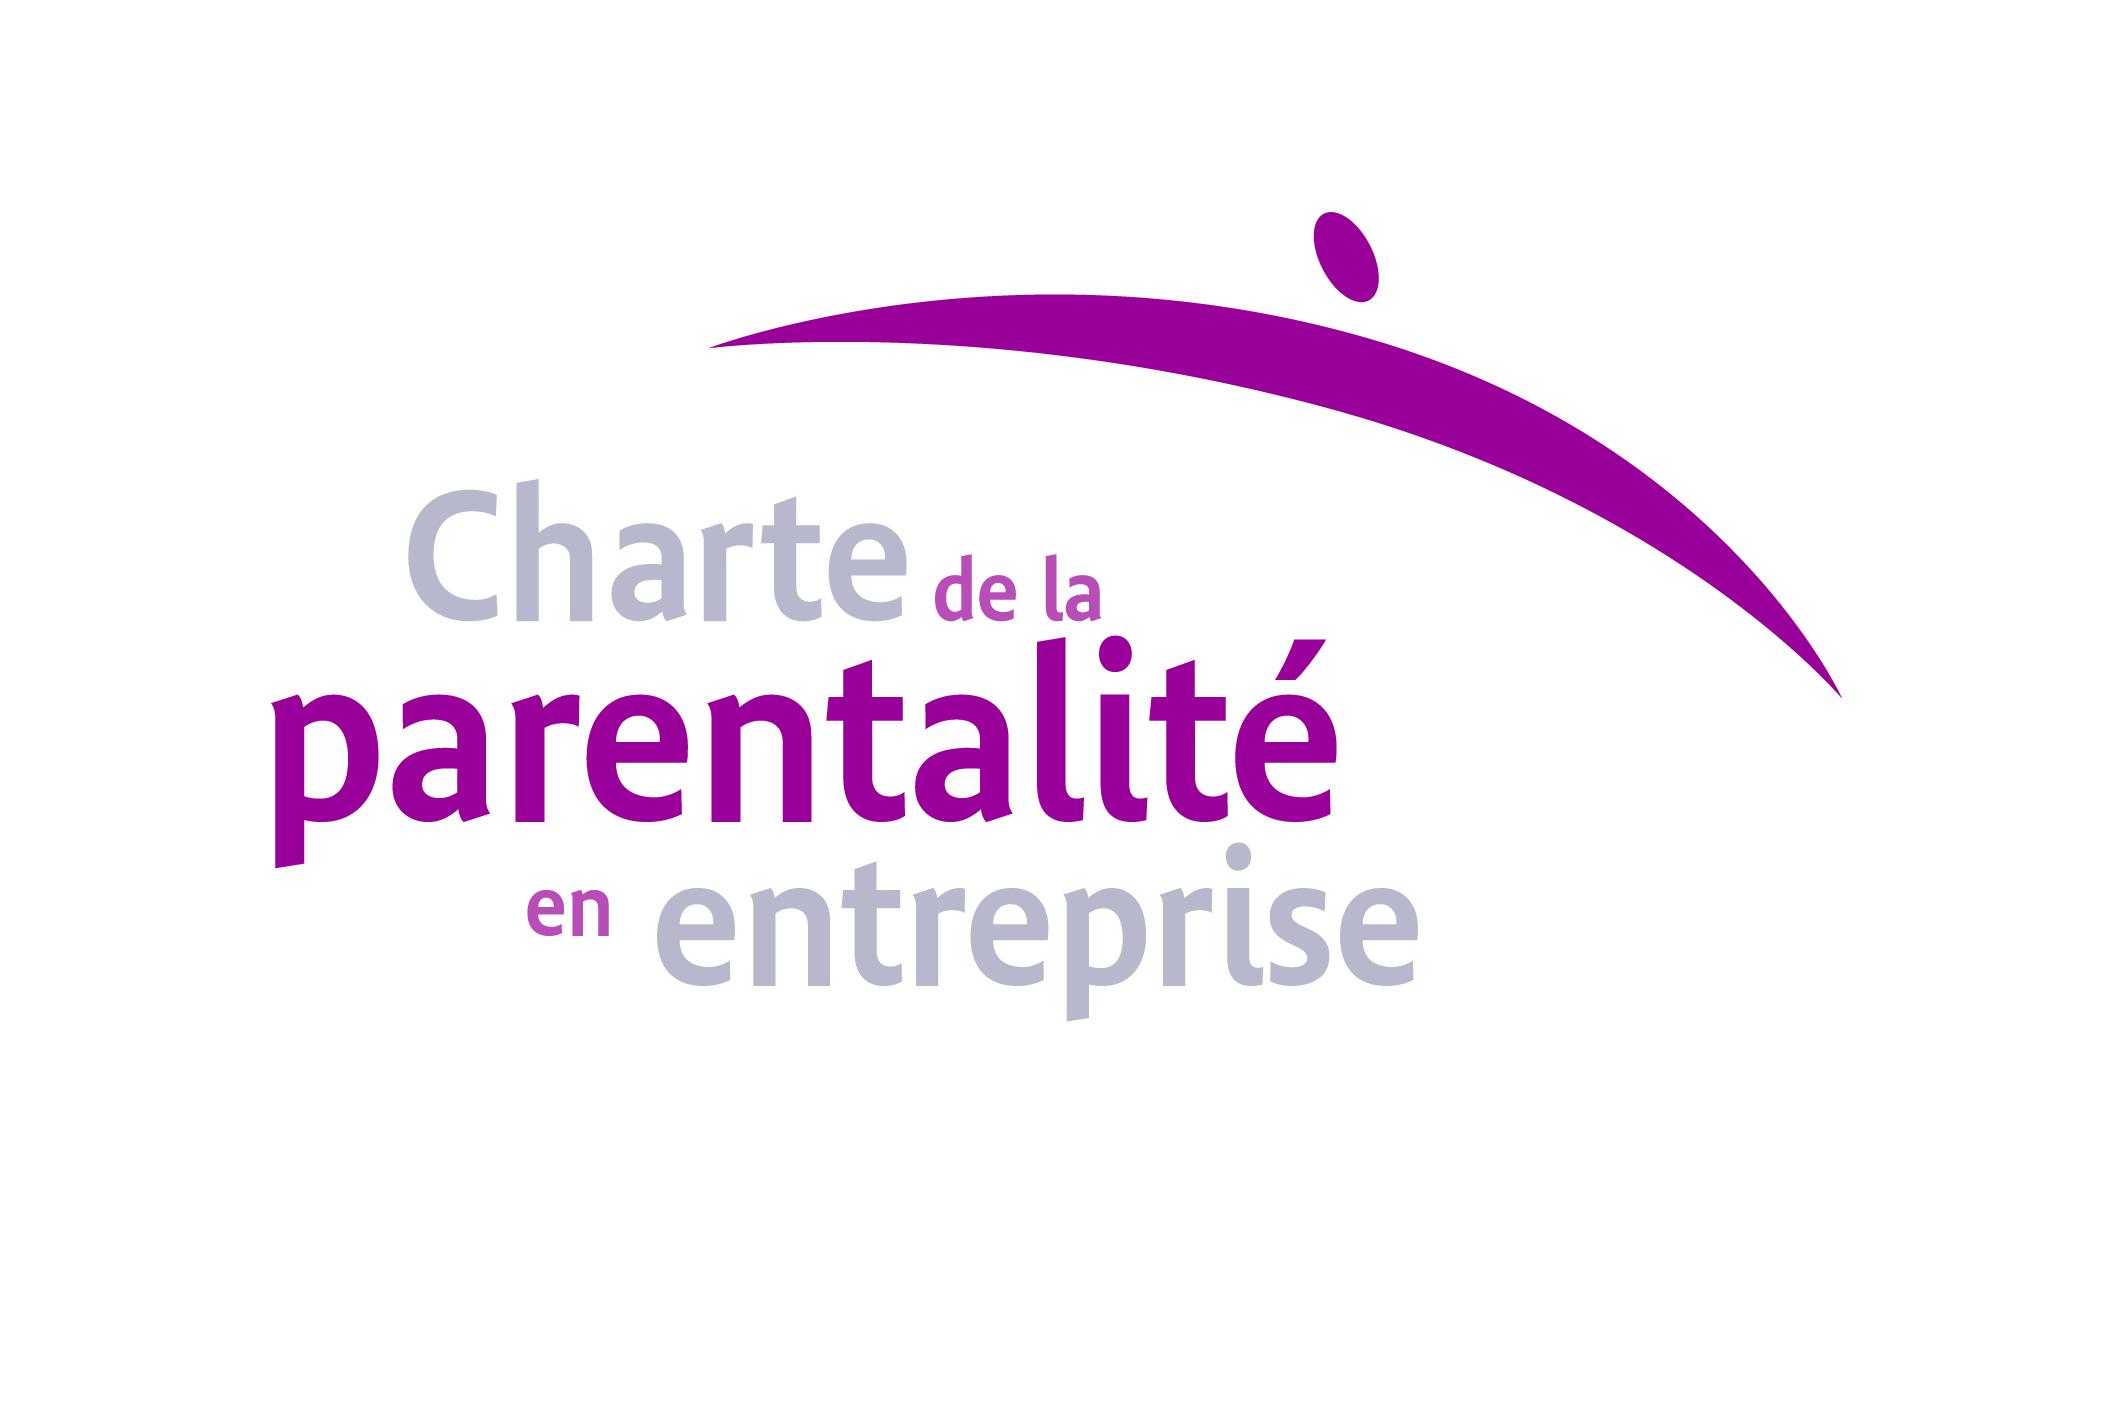 Charte de la parentalité en entreprise